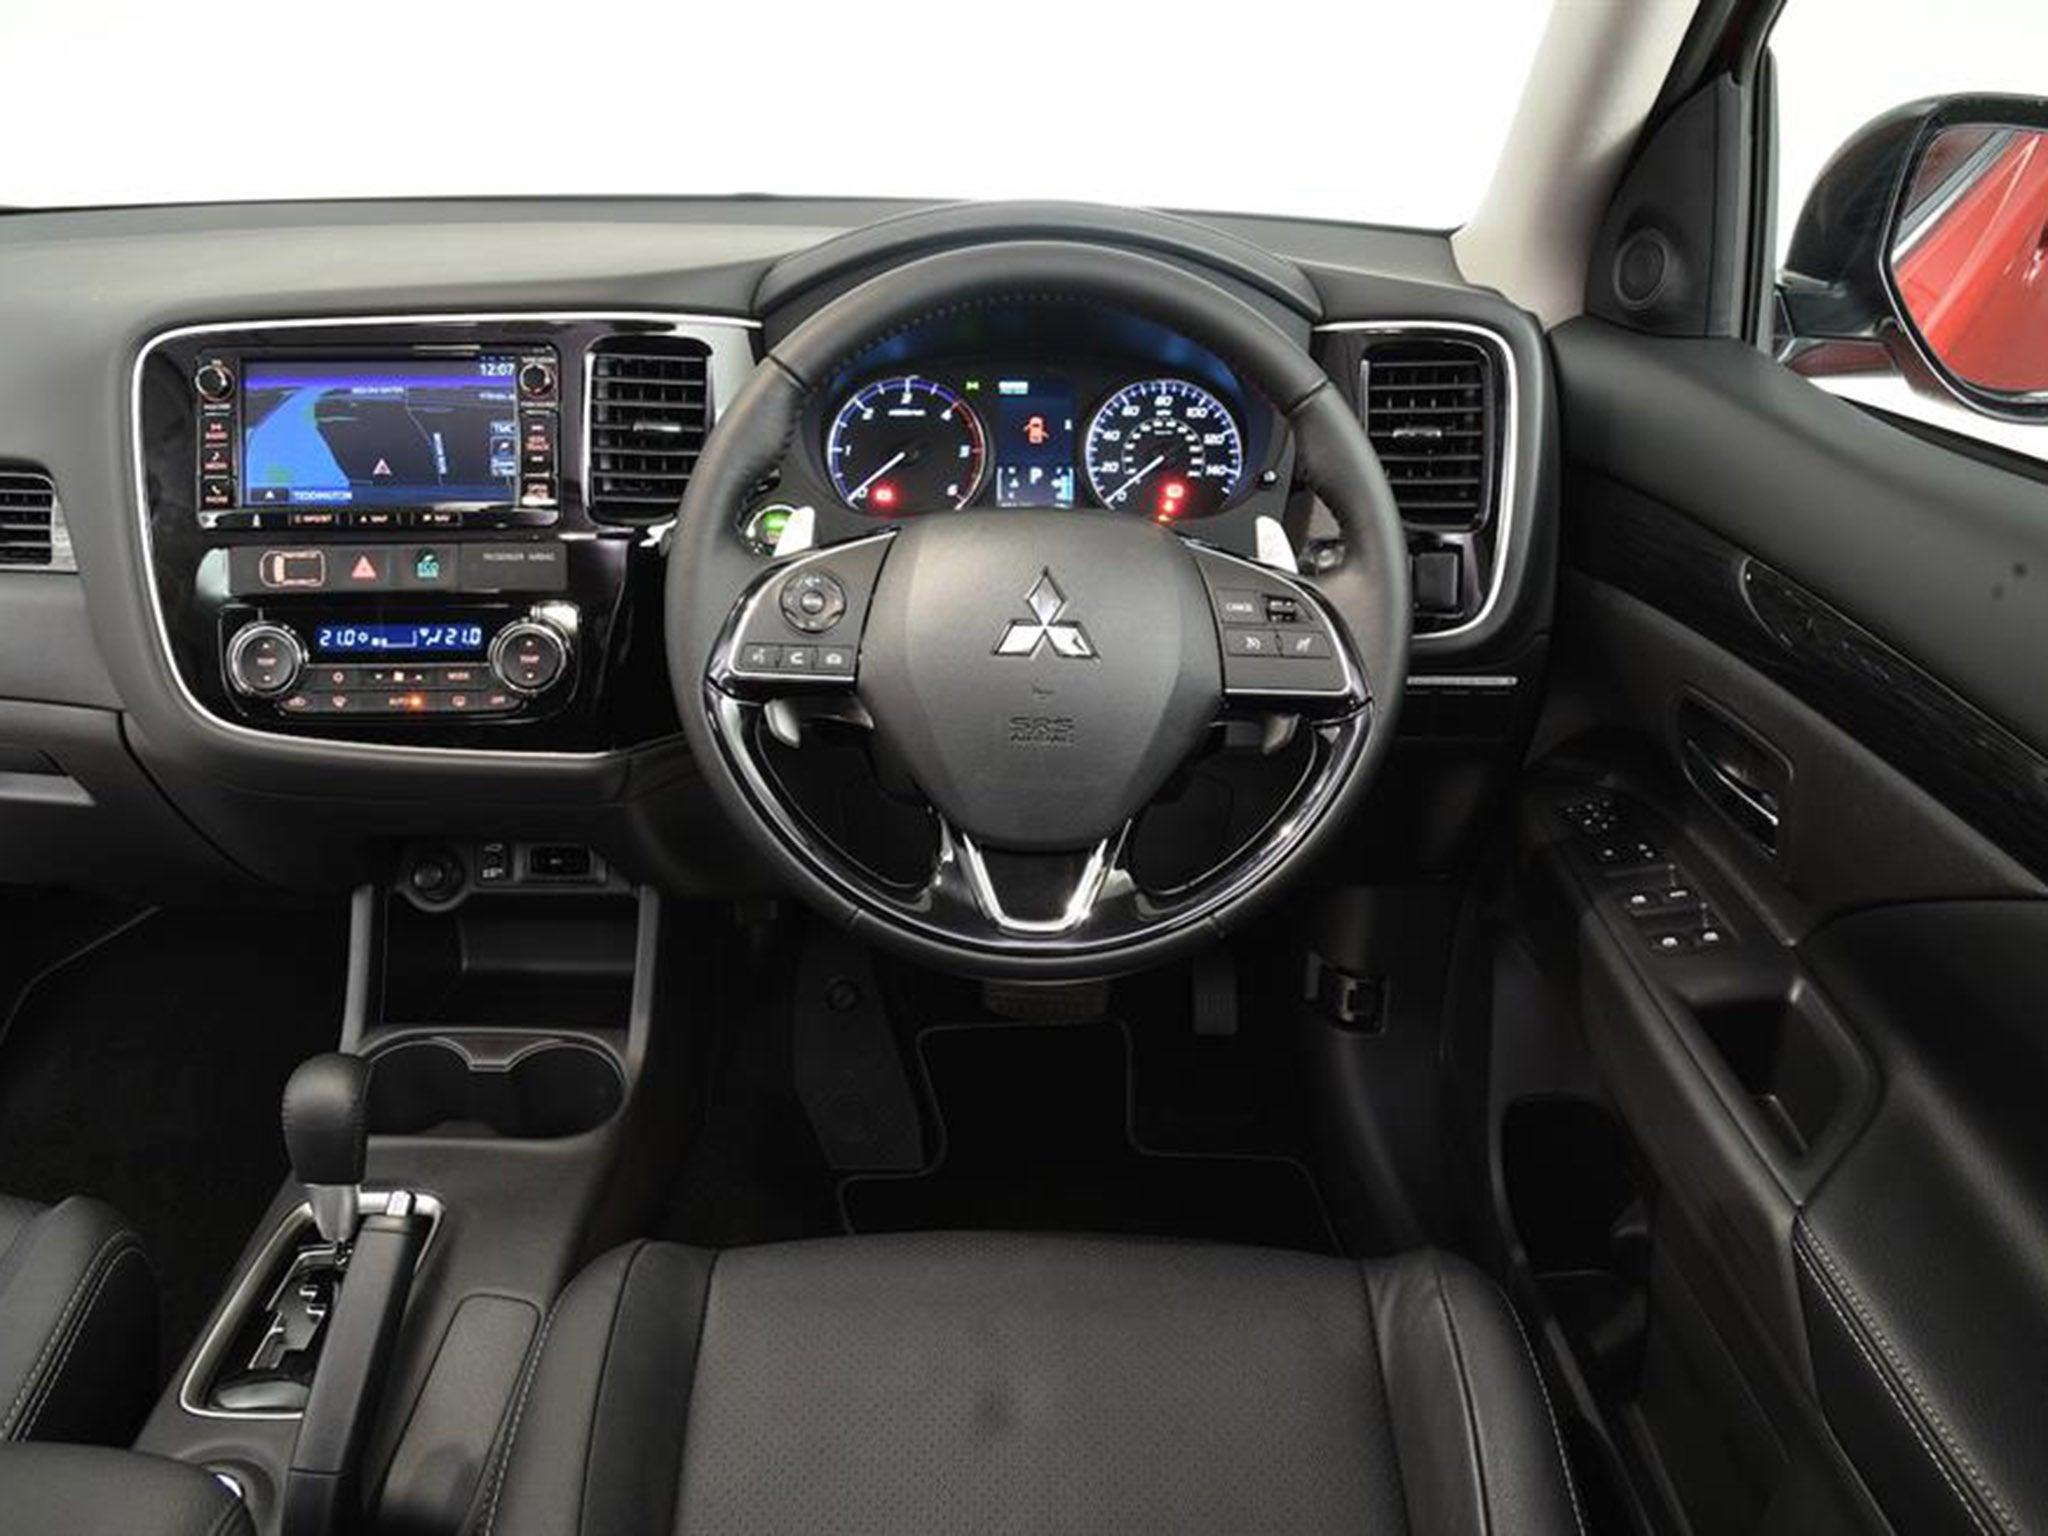 Mitsubishi Outlander 2 2 DI-D, car review: Significant